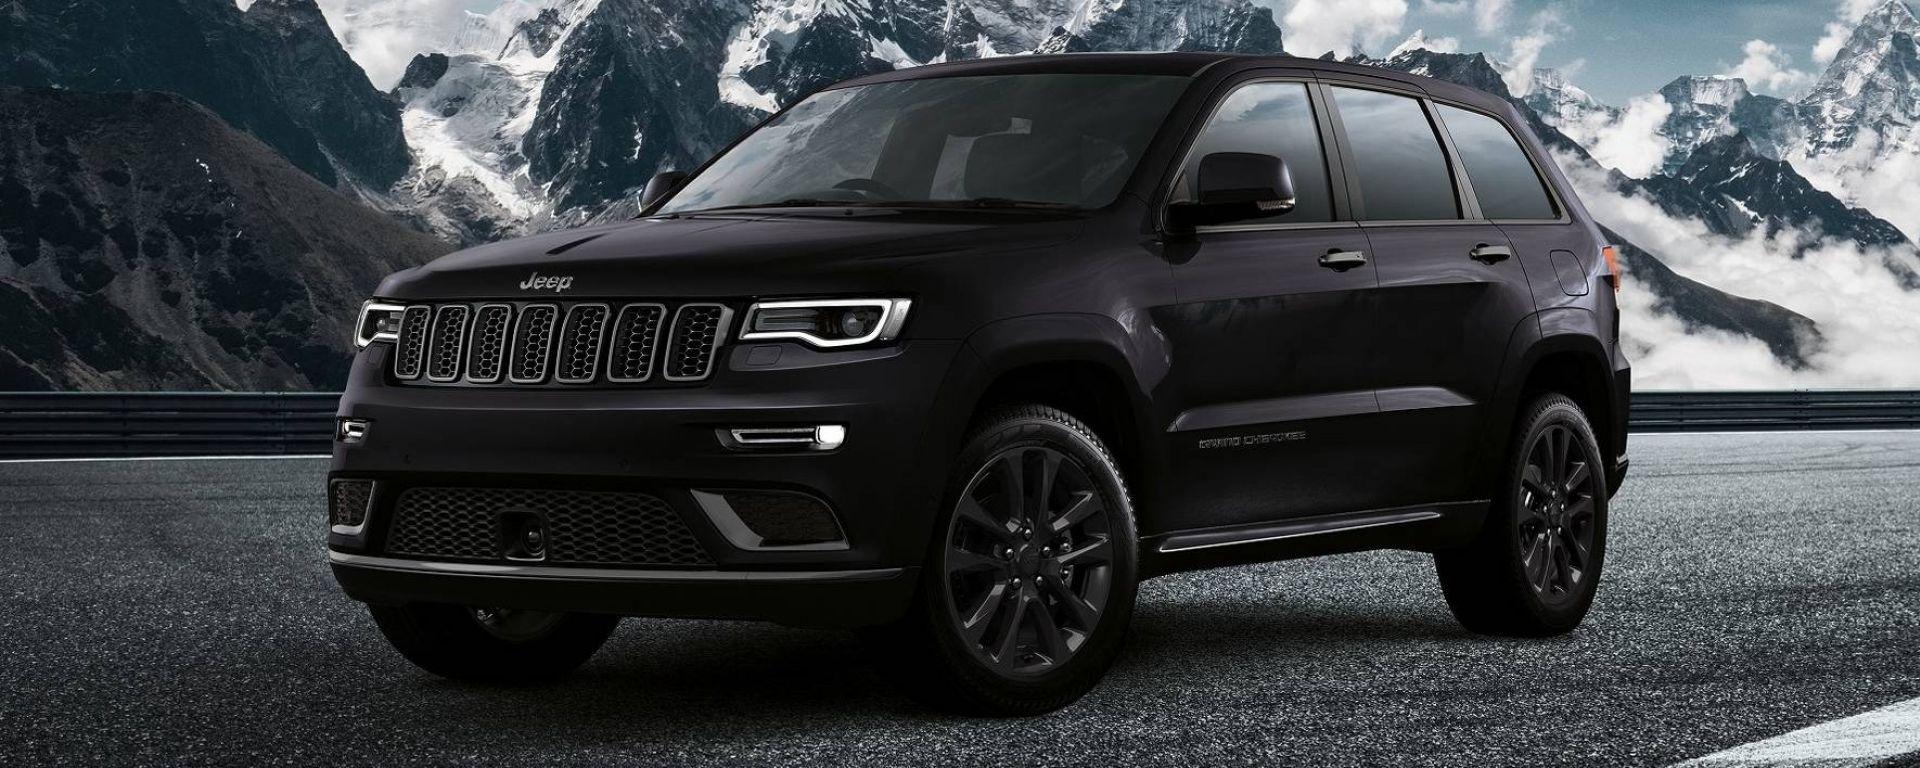 Jeep Grand Cherokee S: nel 2018 una serie speciale per l ...